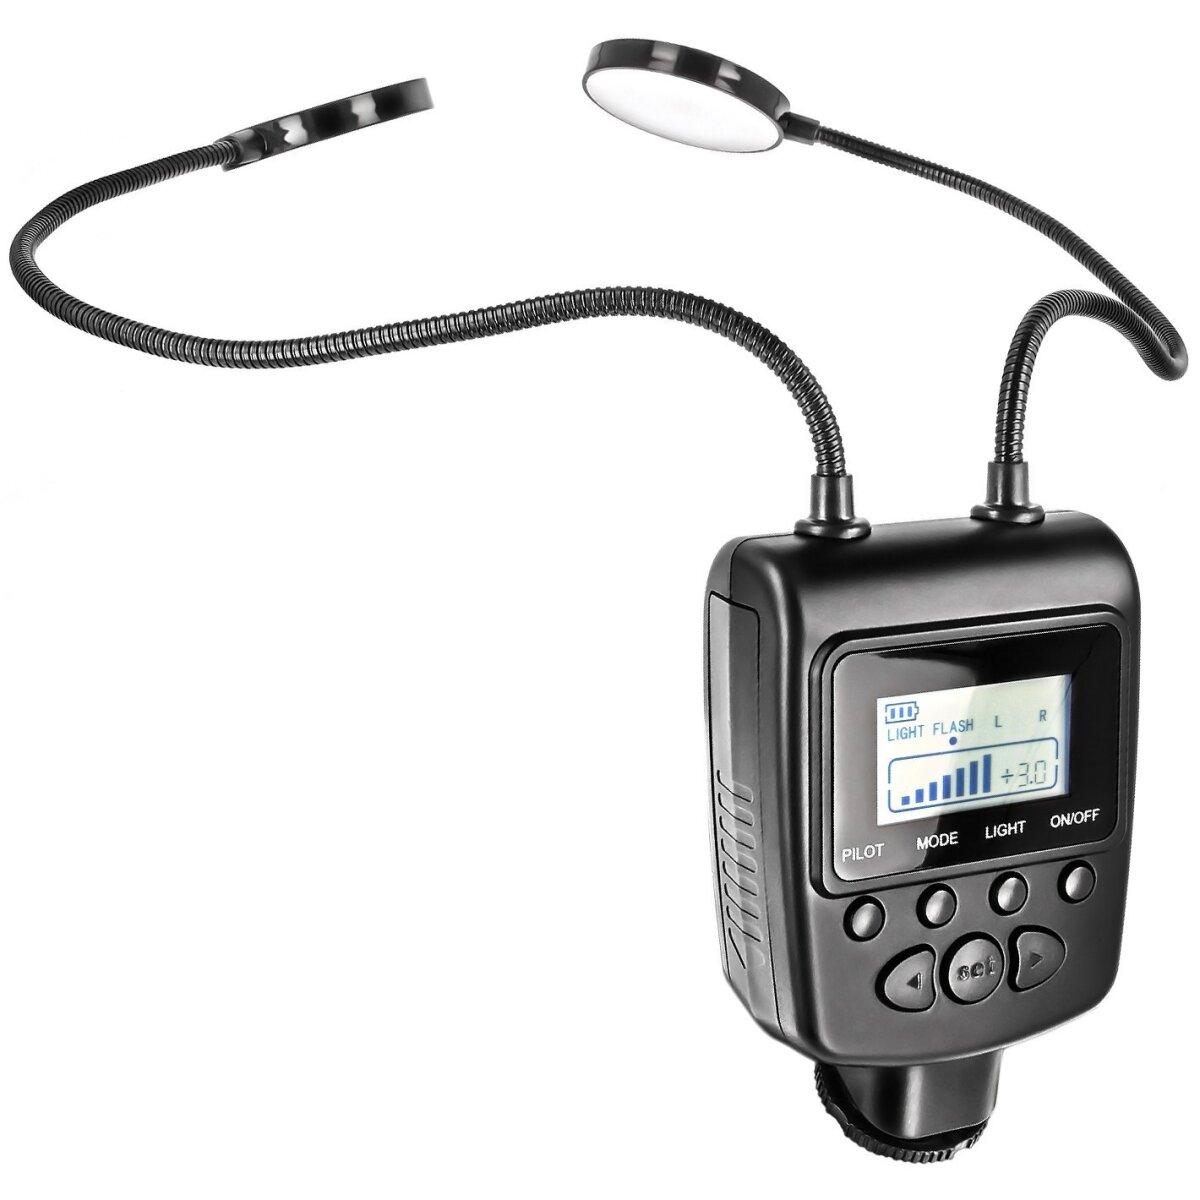 Flexible 30cm Flexarm 24 LED 2-fach Makro Leuchte Dauerlicht Blitz Flash kompatibel mit Sony DLSR & Bridge Kameras - ideal für Makro- Tabletop & Produktfotografie